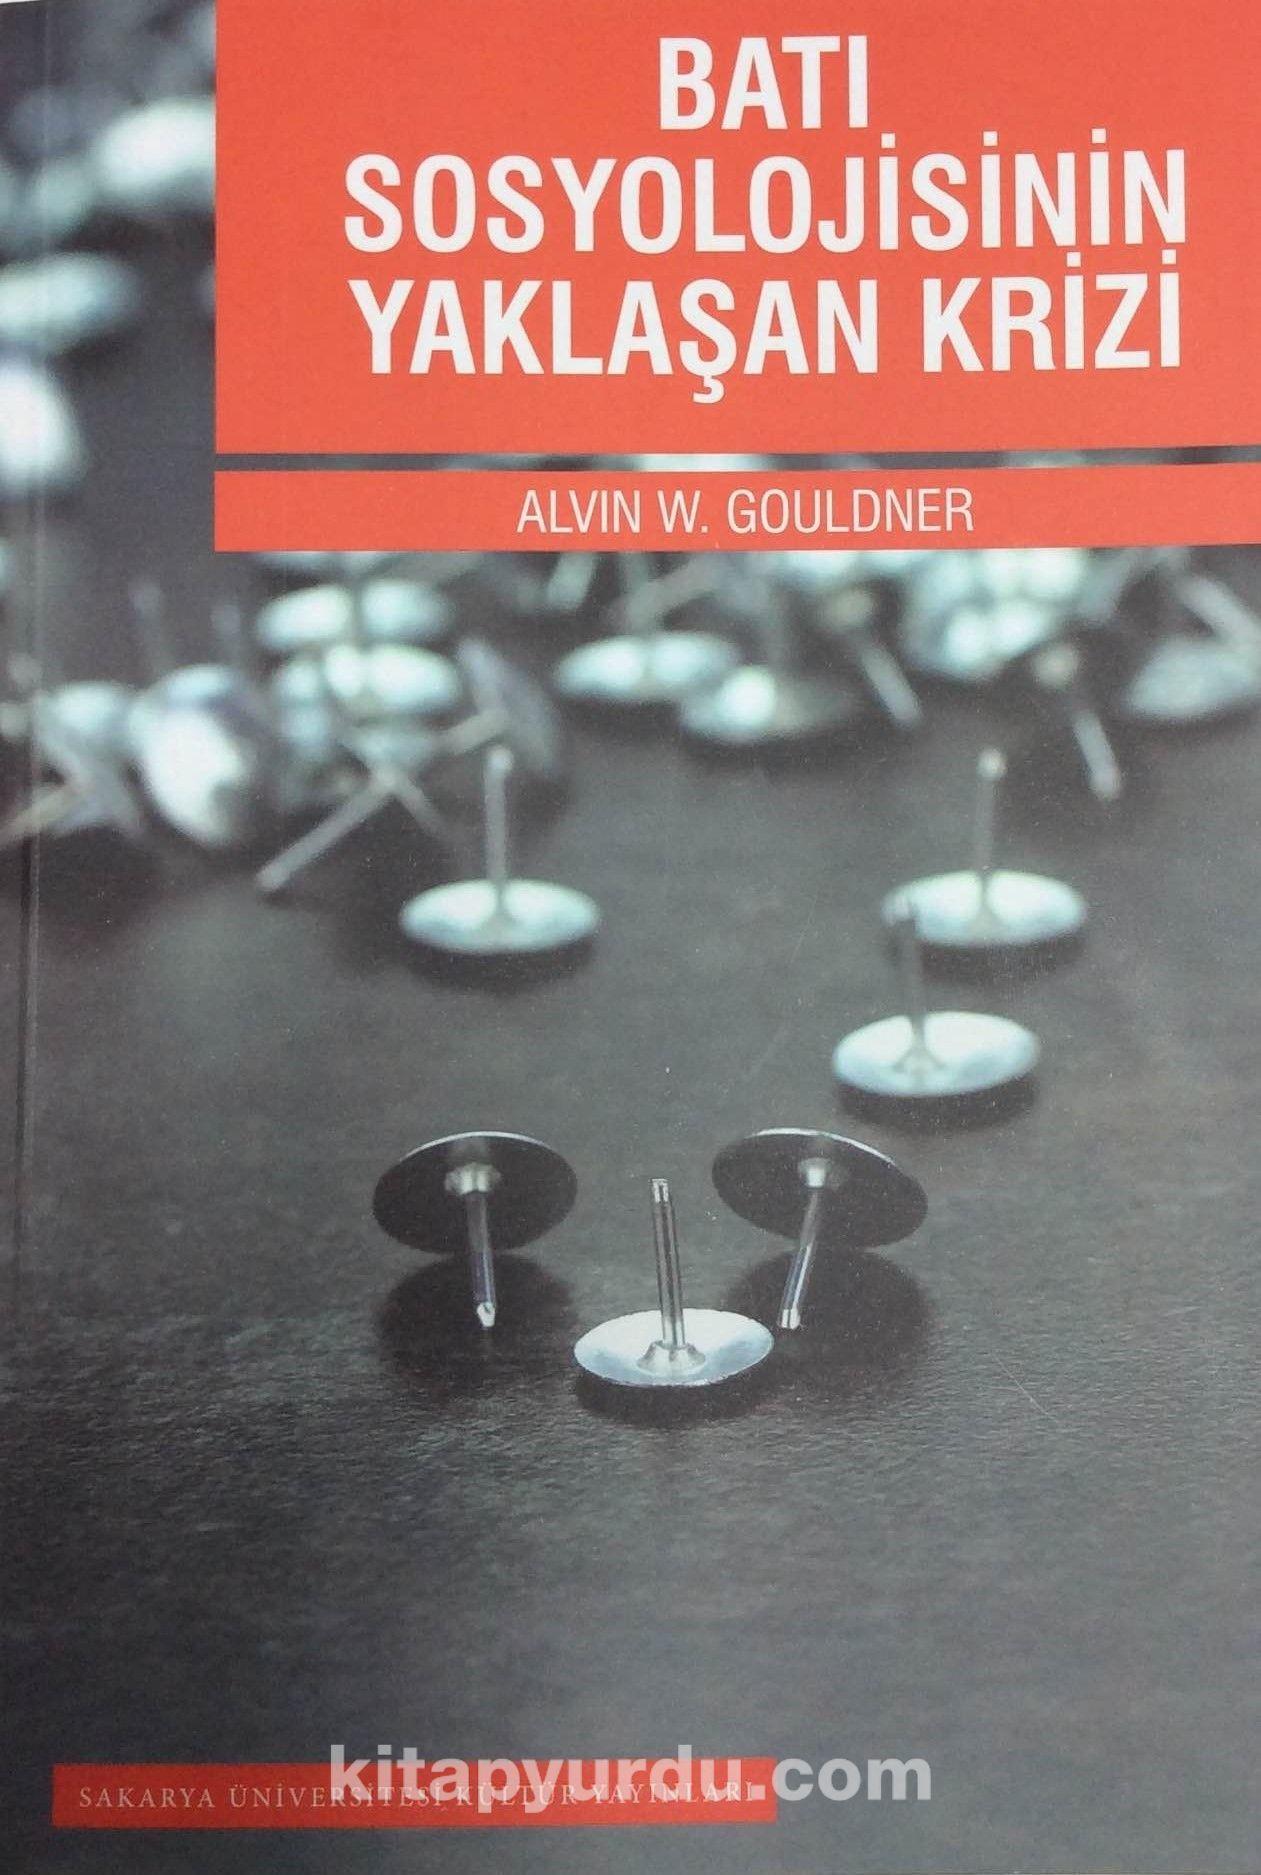 Batı Sosyolojisinin Yaklaşan Krizi - Alvin W. Gouldner pdf epub